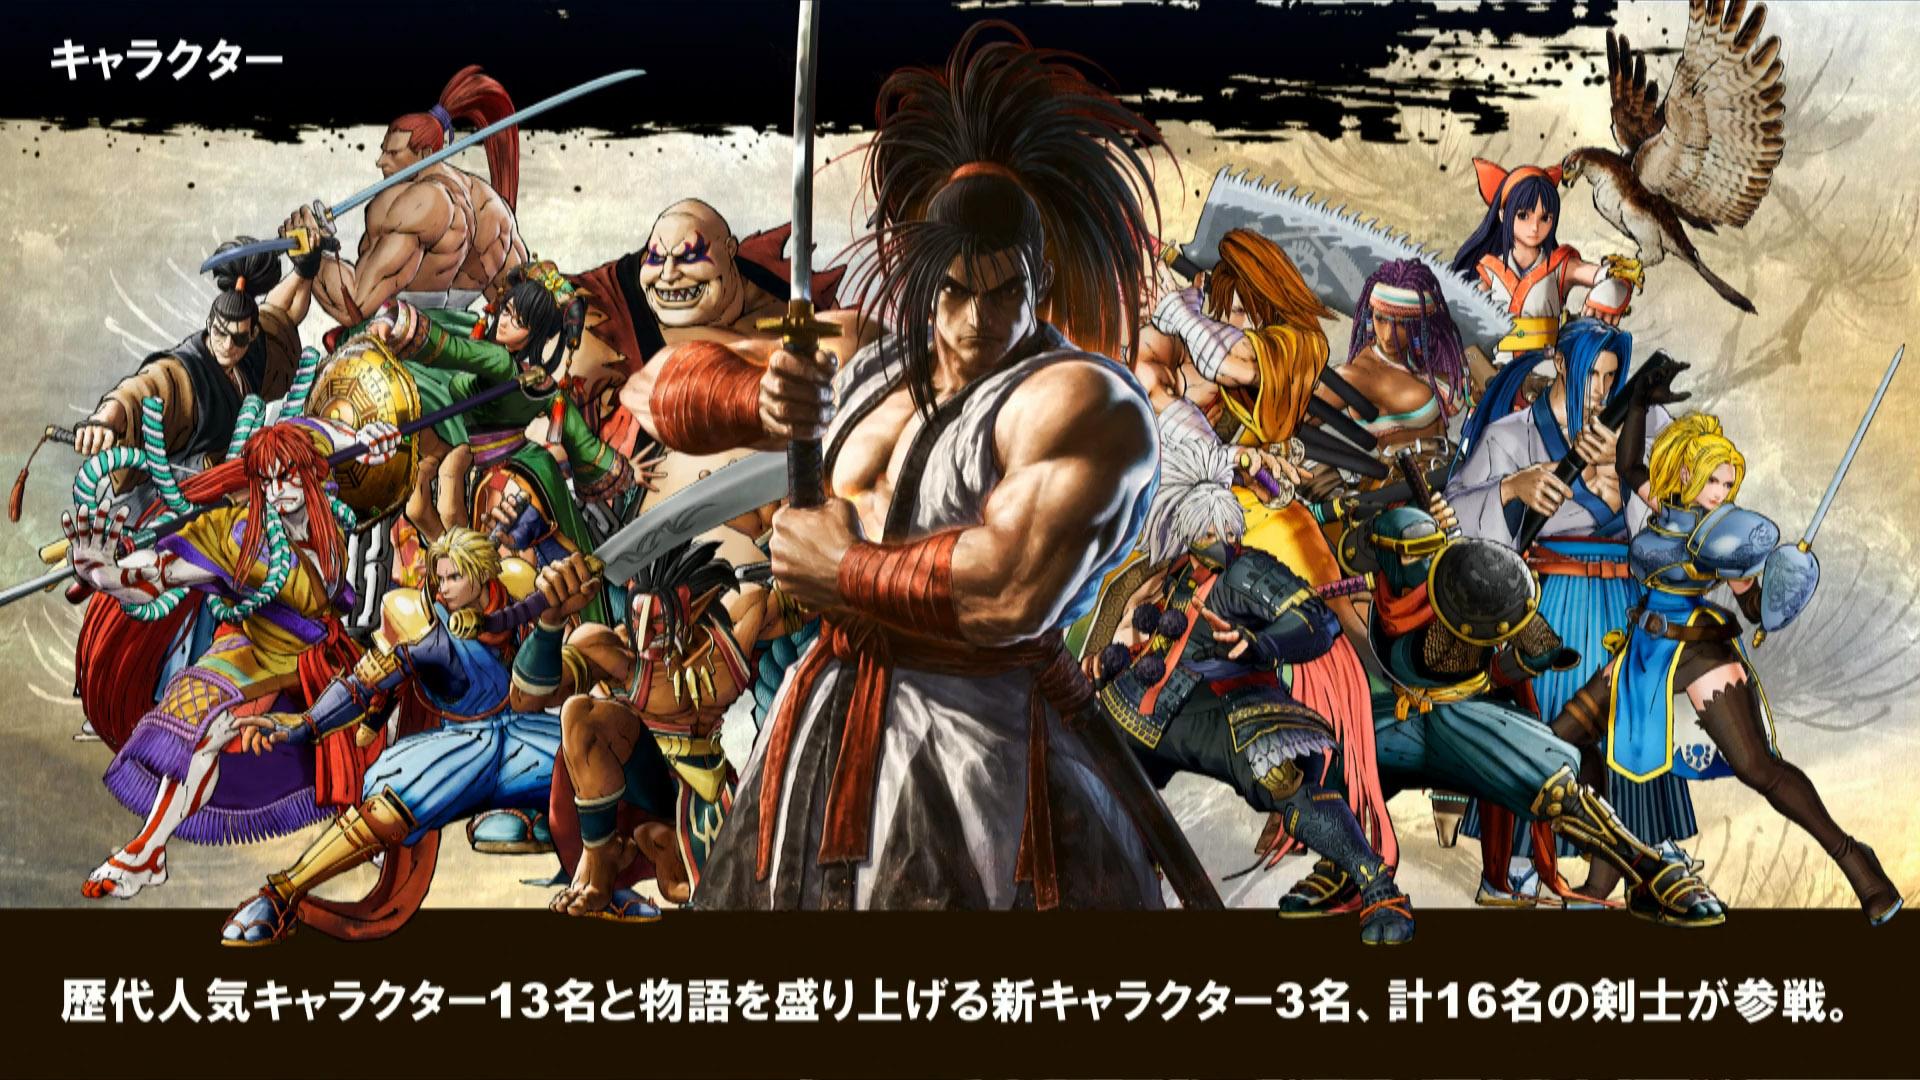 SamuraiShodown PS4 News 013